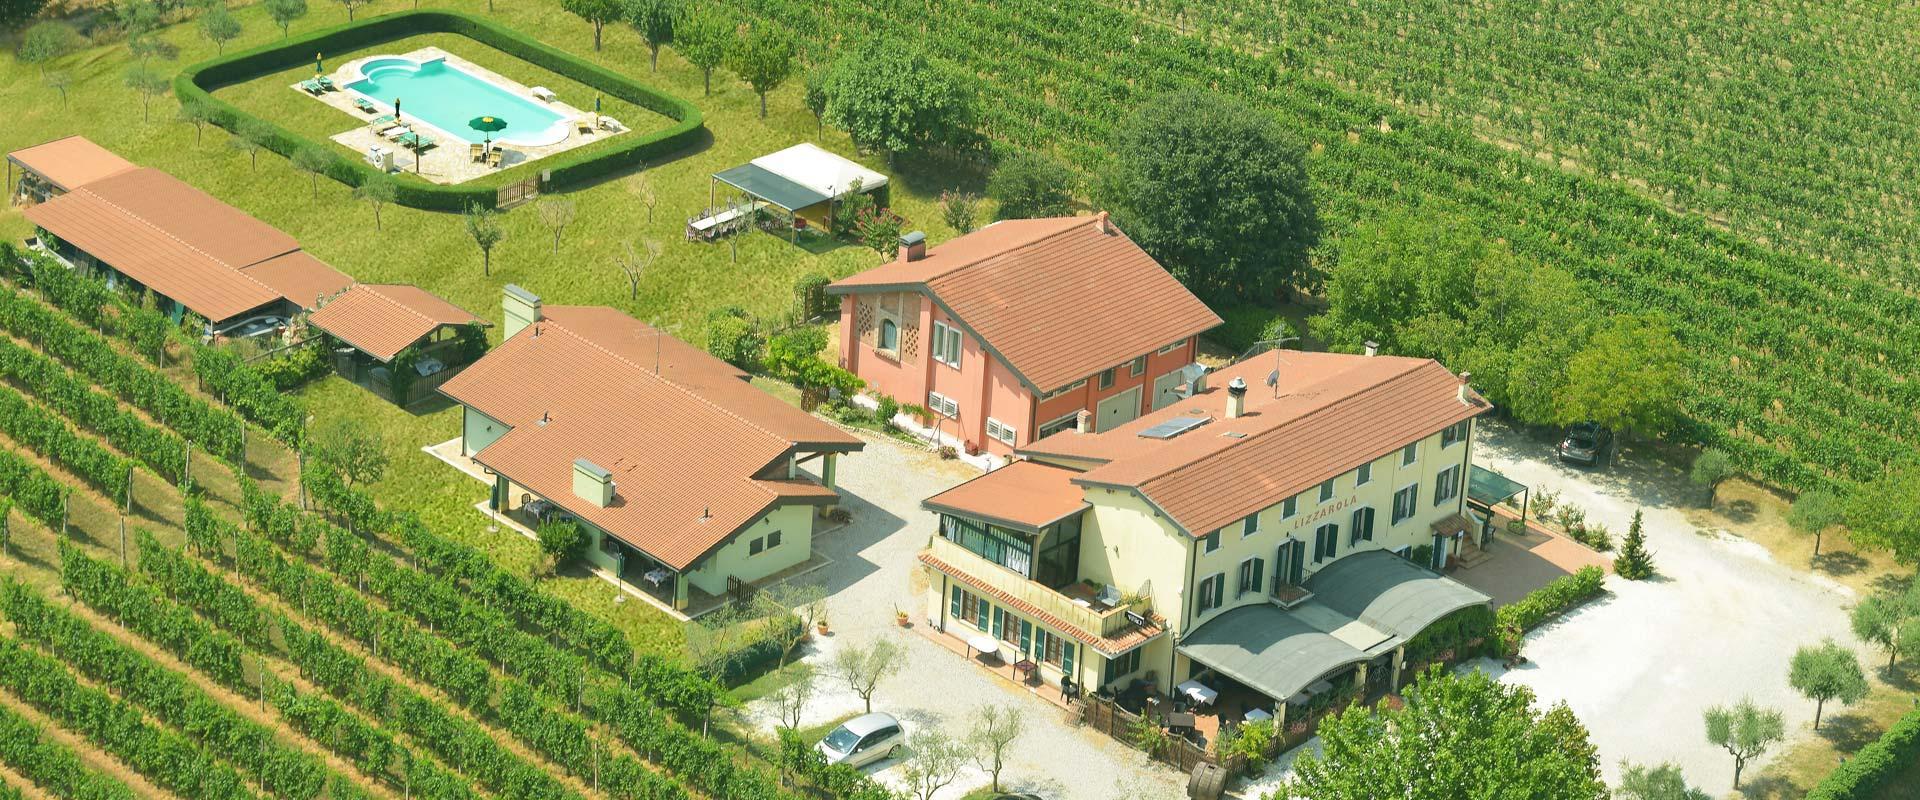 Bauernhof mit Schwimmbad Peschiera del Garda